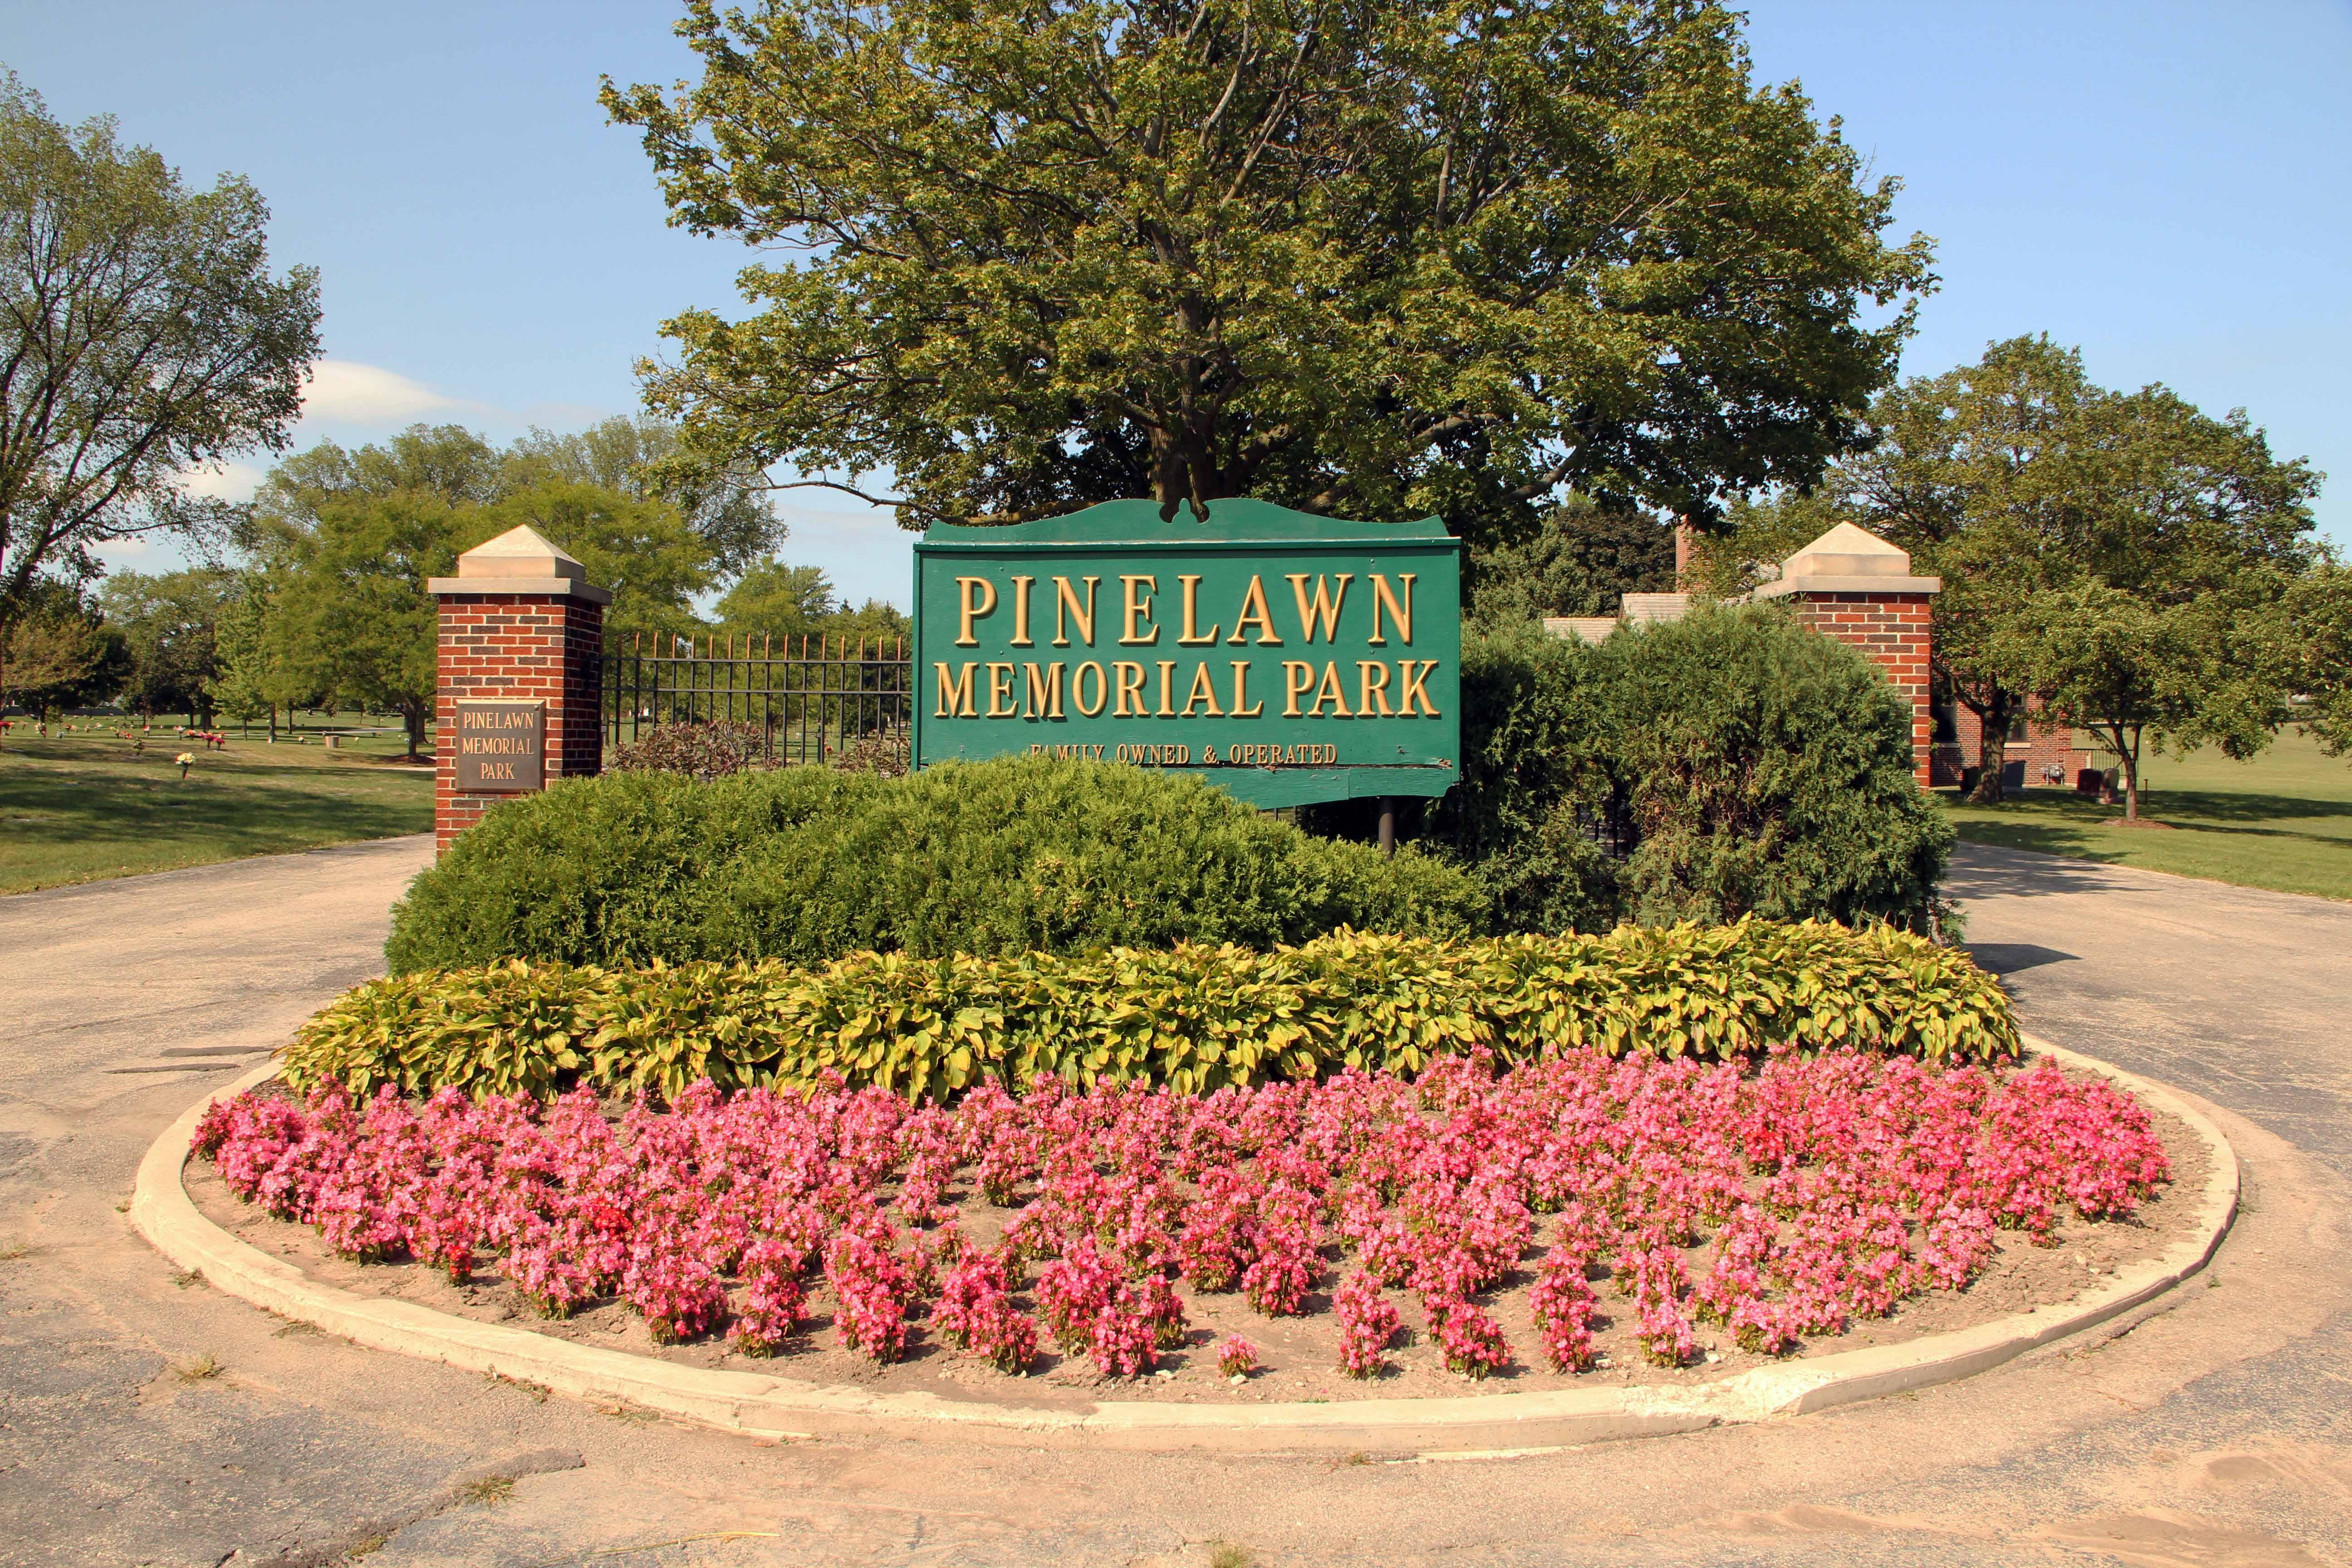 Pinelawn Memorial Park